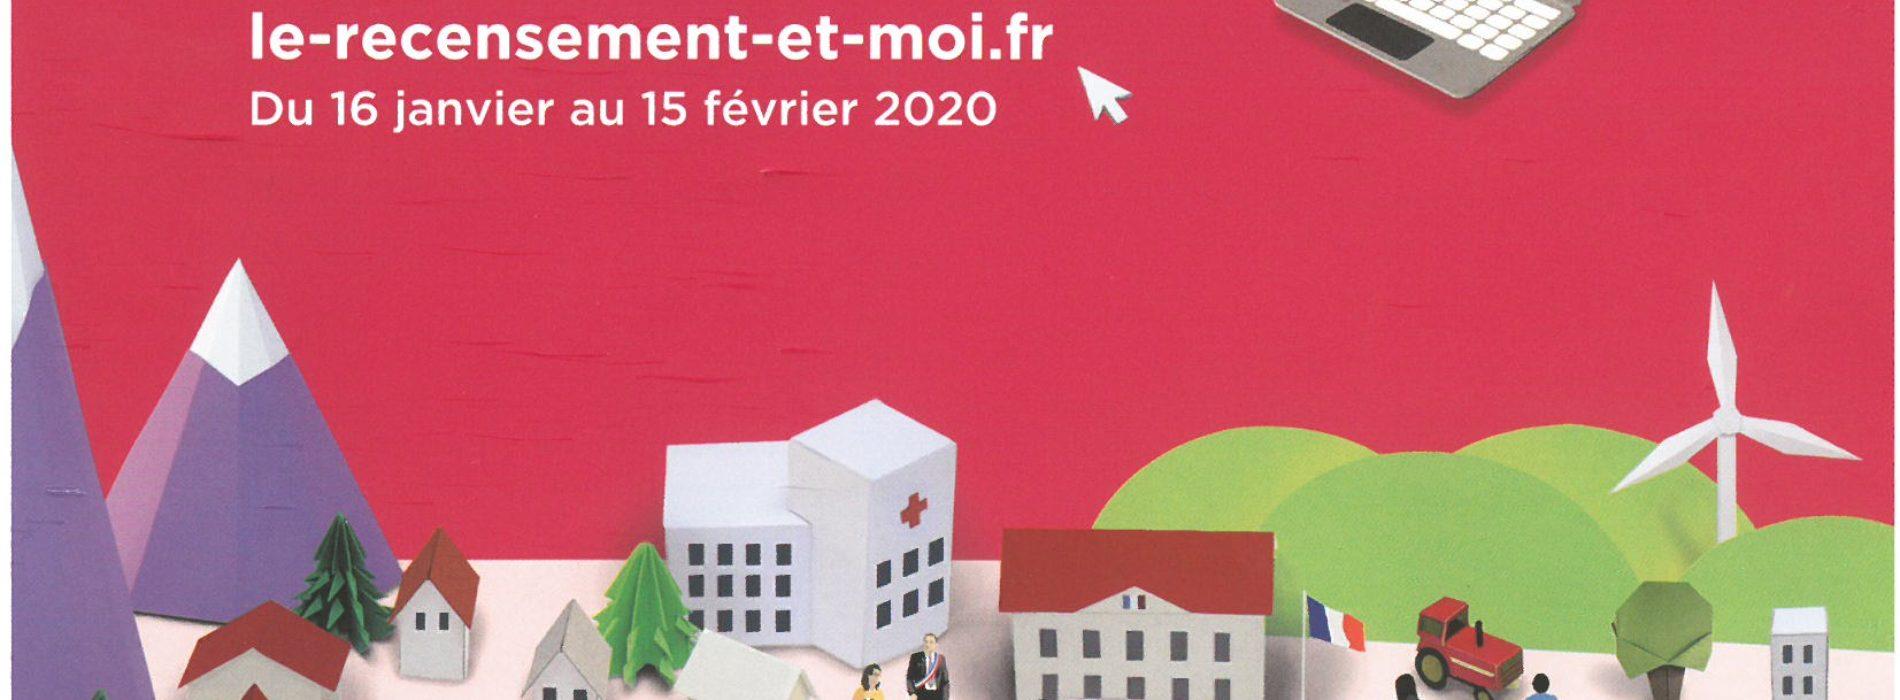 RECENSEMENT DE LA POPULATION DU 16 JANVIER AU 15 FEVRIER 2020